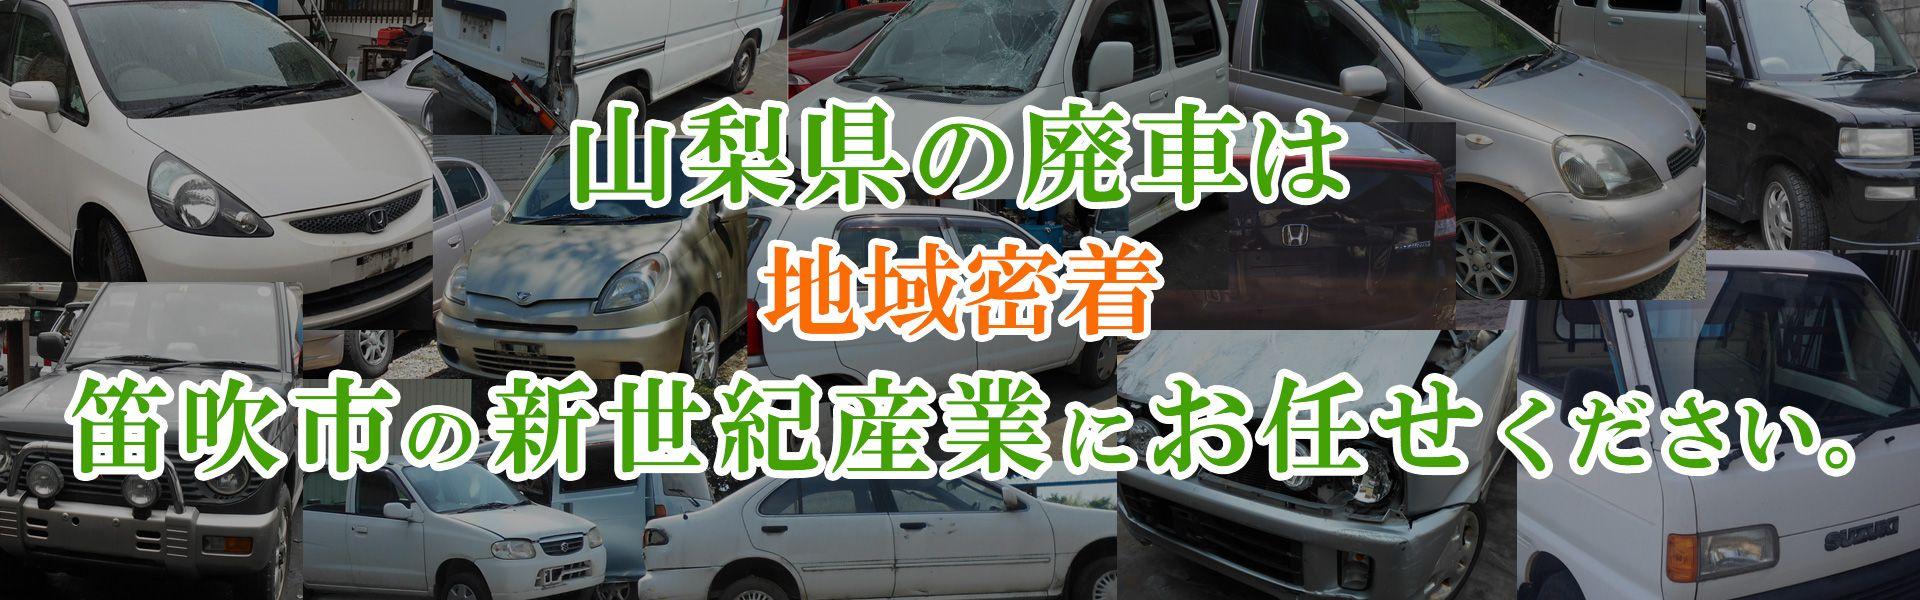 廃車買取事例 / 山梨県